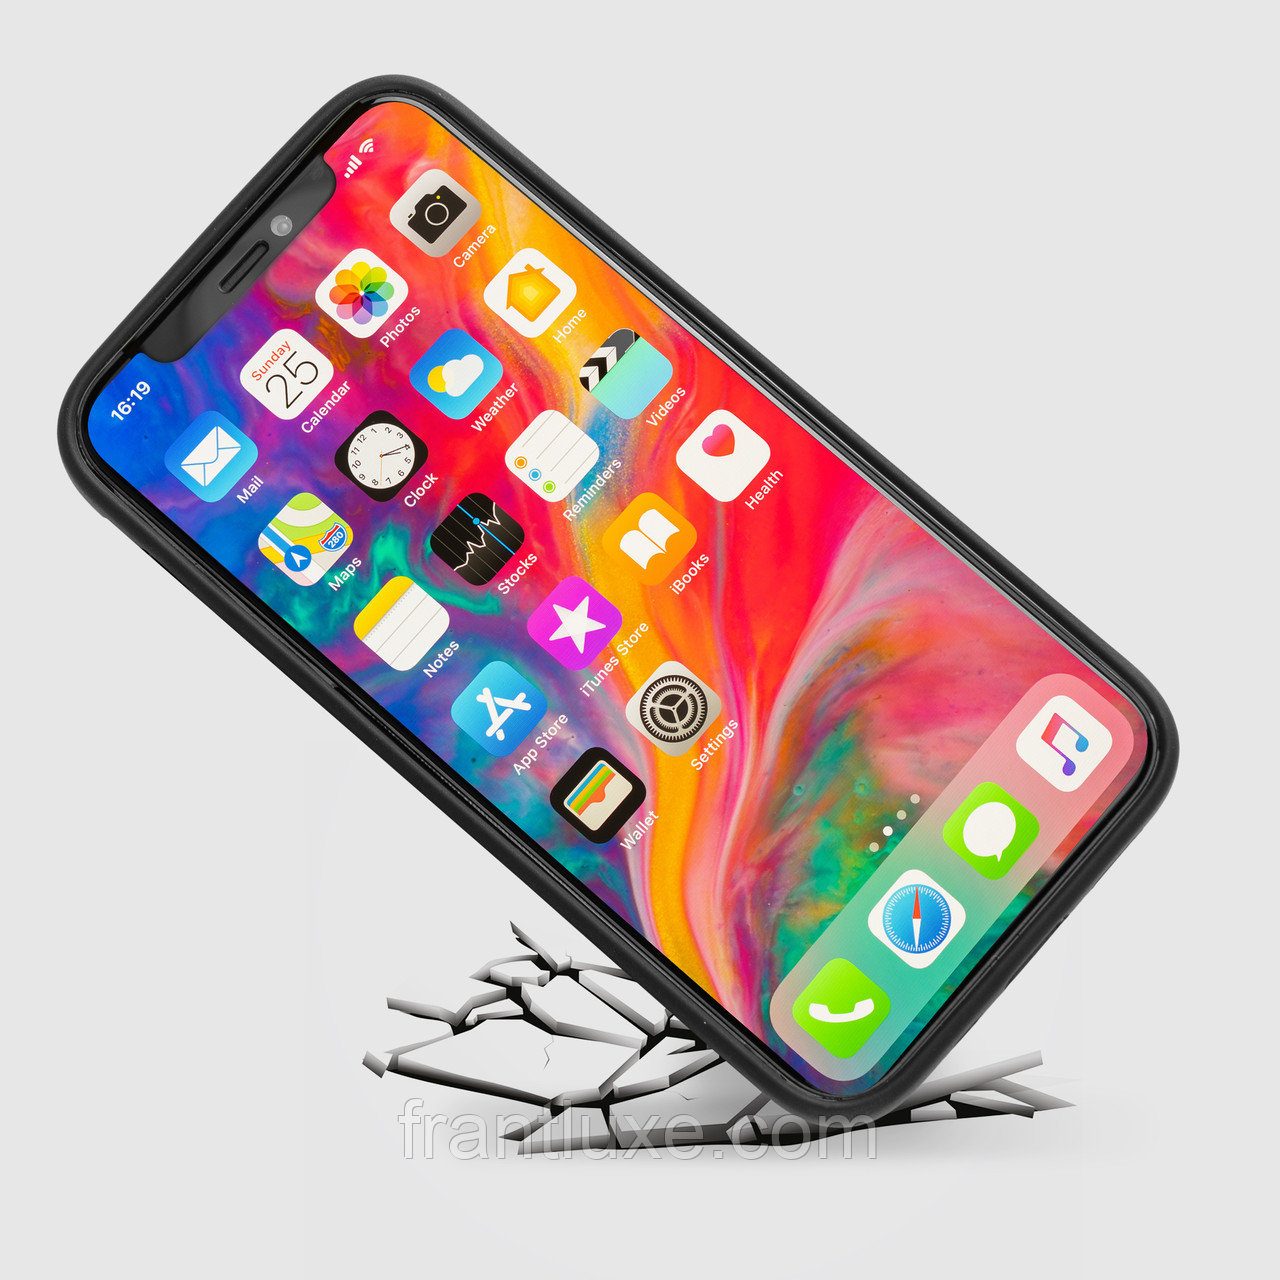 Чехол для телефона iPhone 12 Pro Max зелёный - фото 5